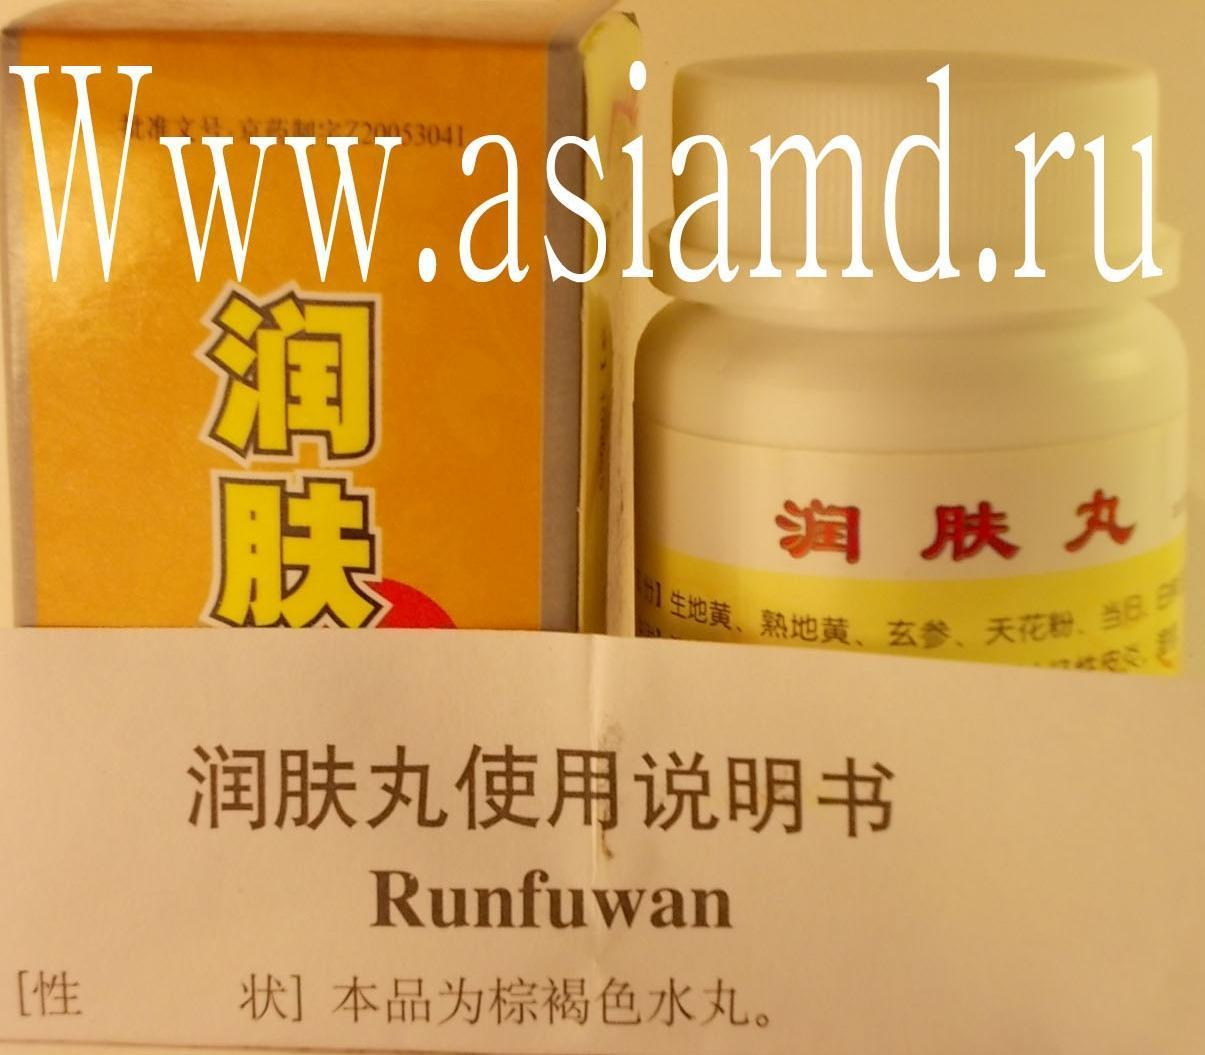 Китайские мази от псориаза отзывы пациентов и обзор лучших средств